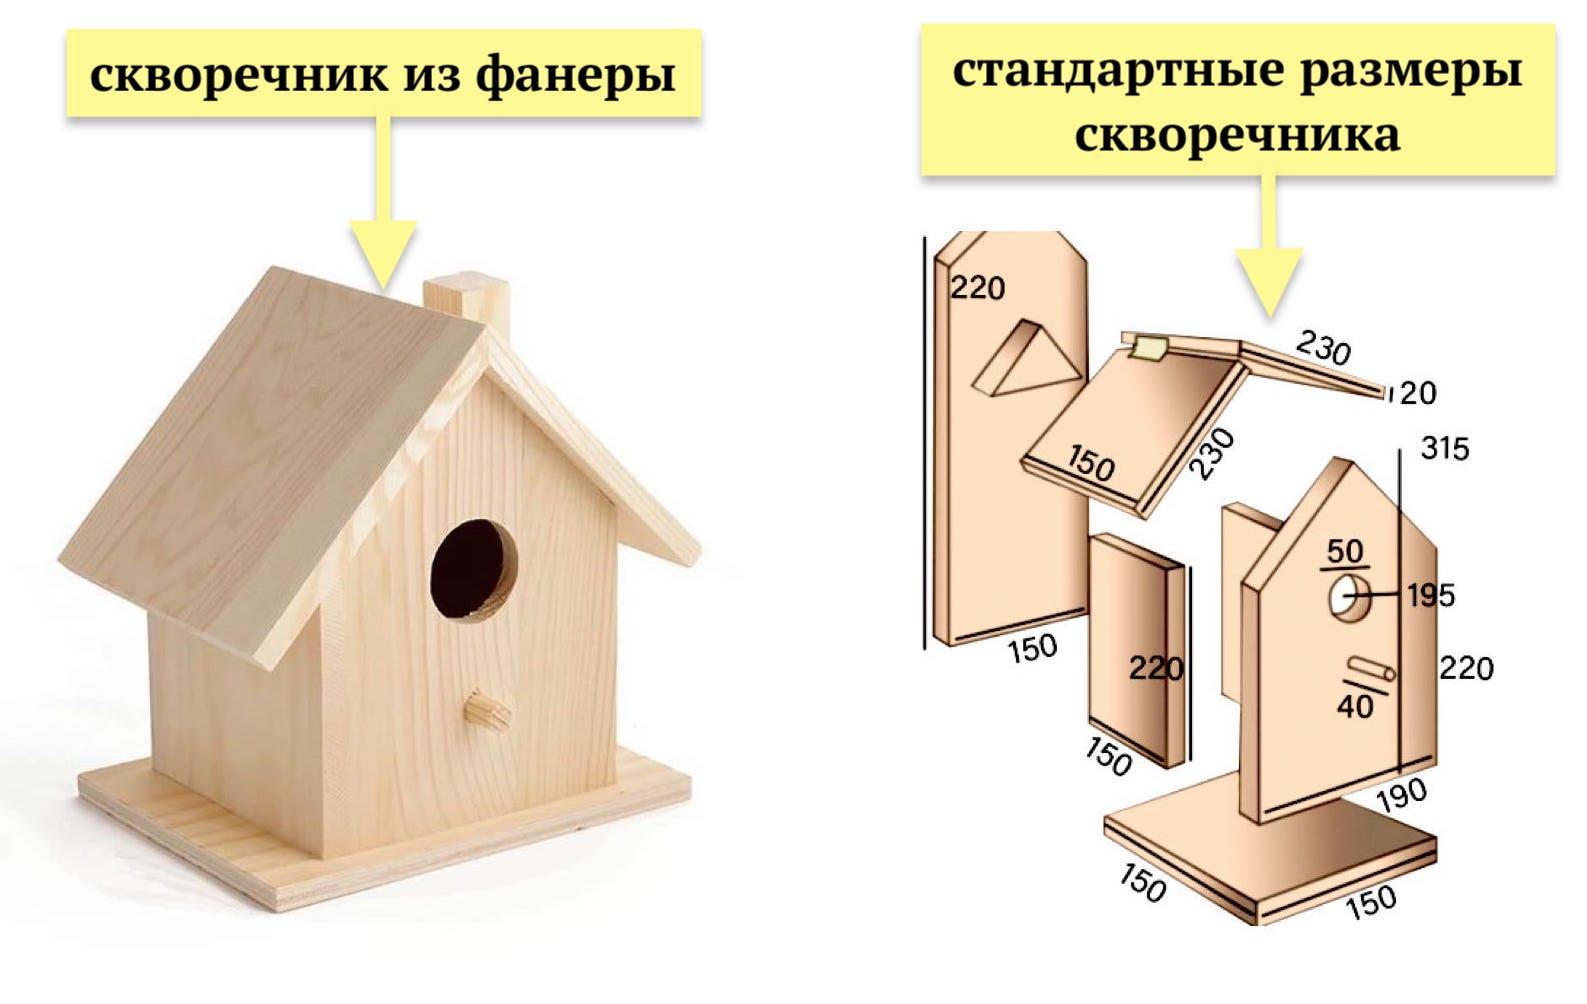 Как сделать скворечник своими руками: 105 фото простых и красивых домиков для птиц